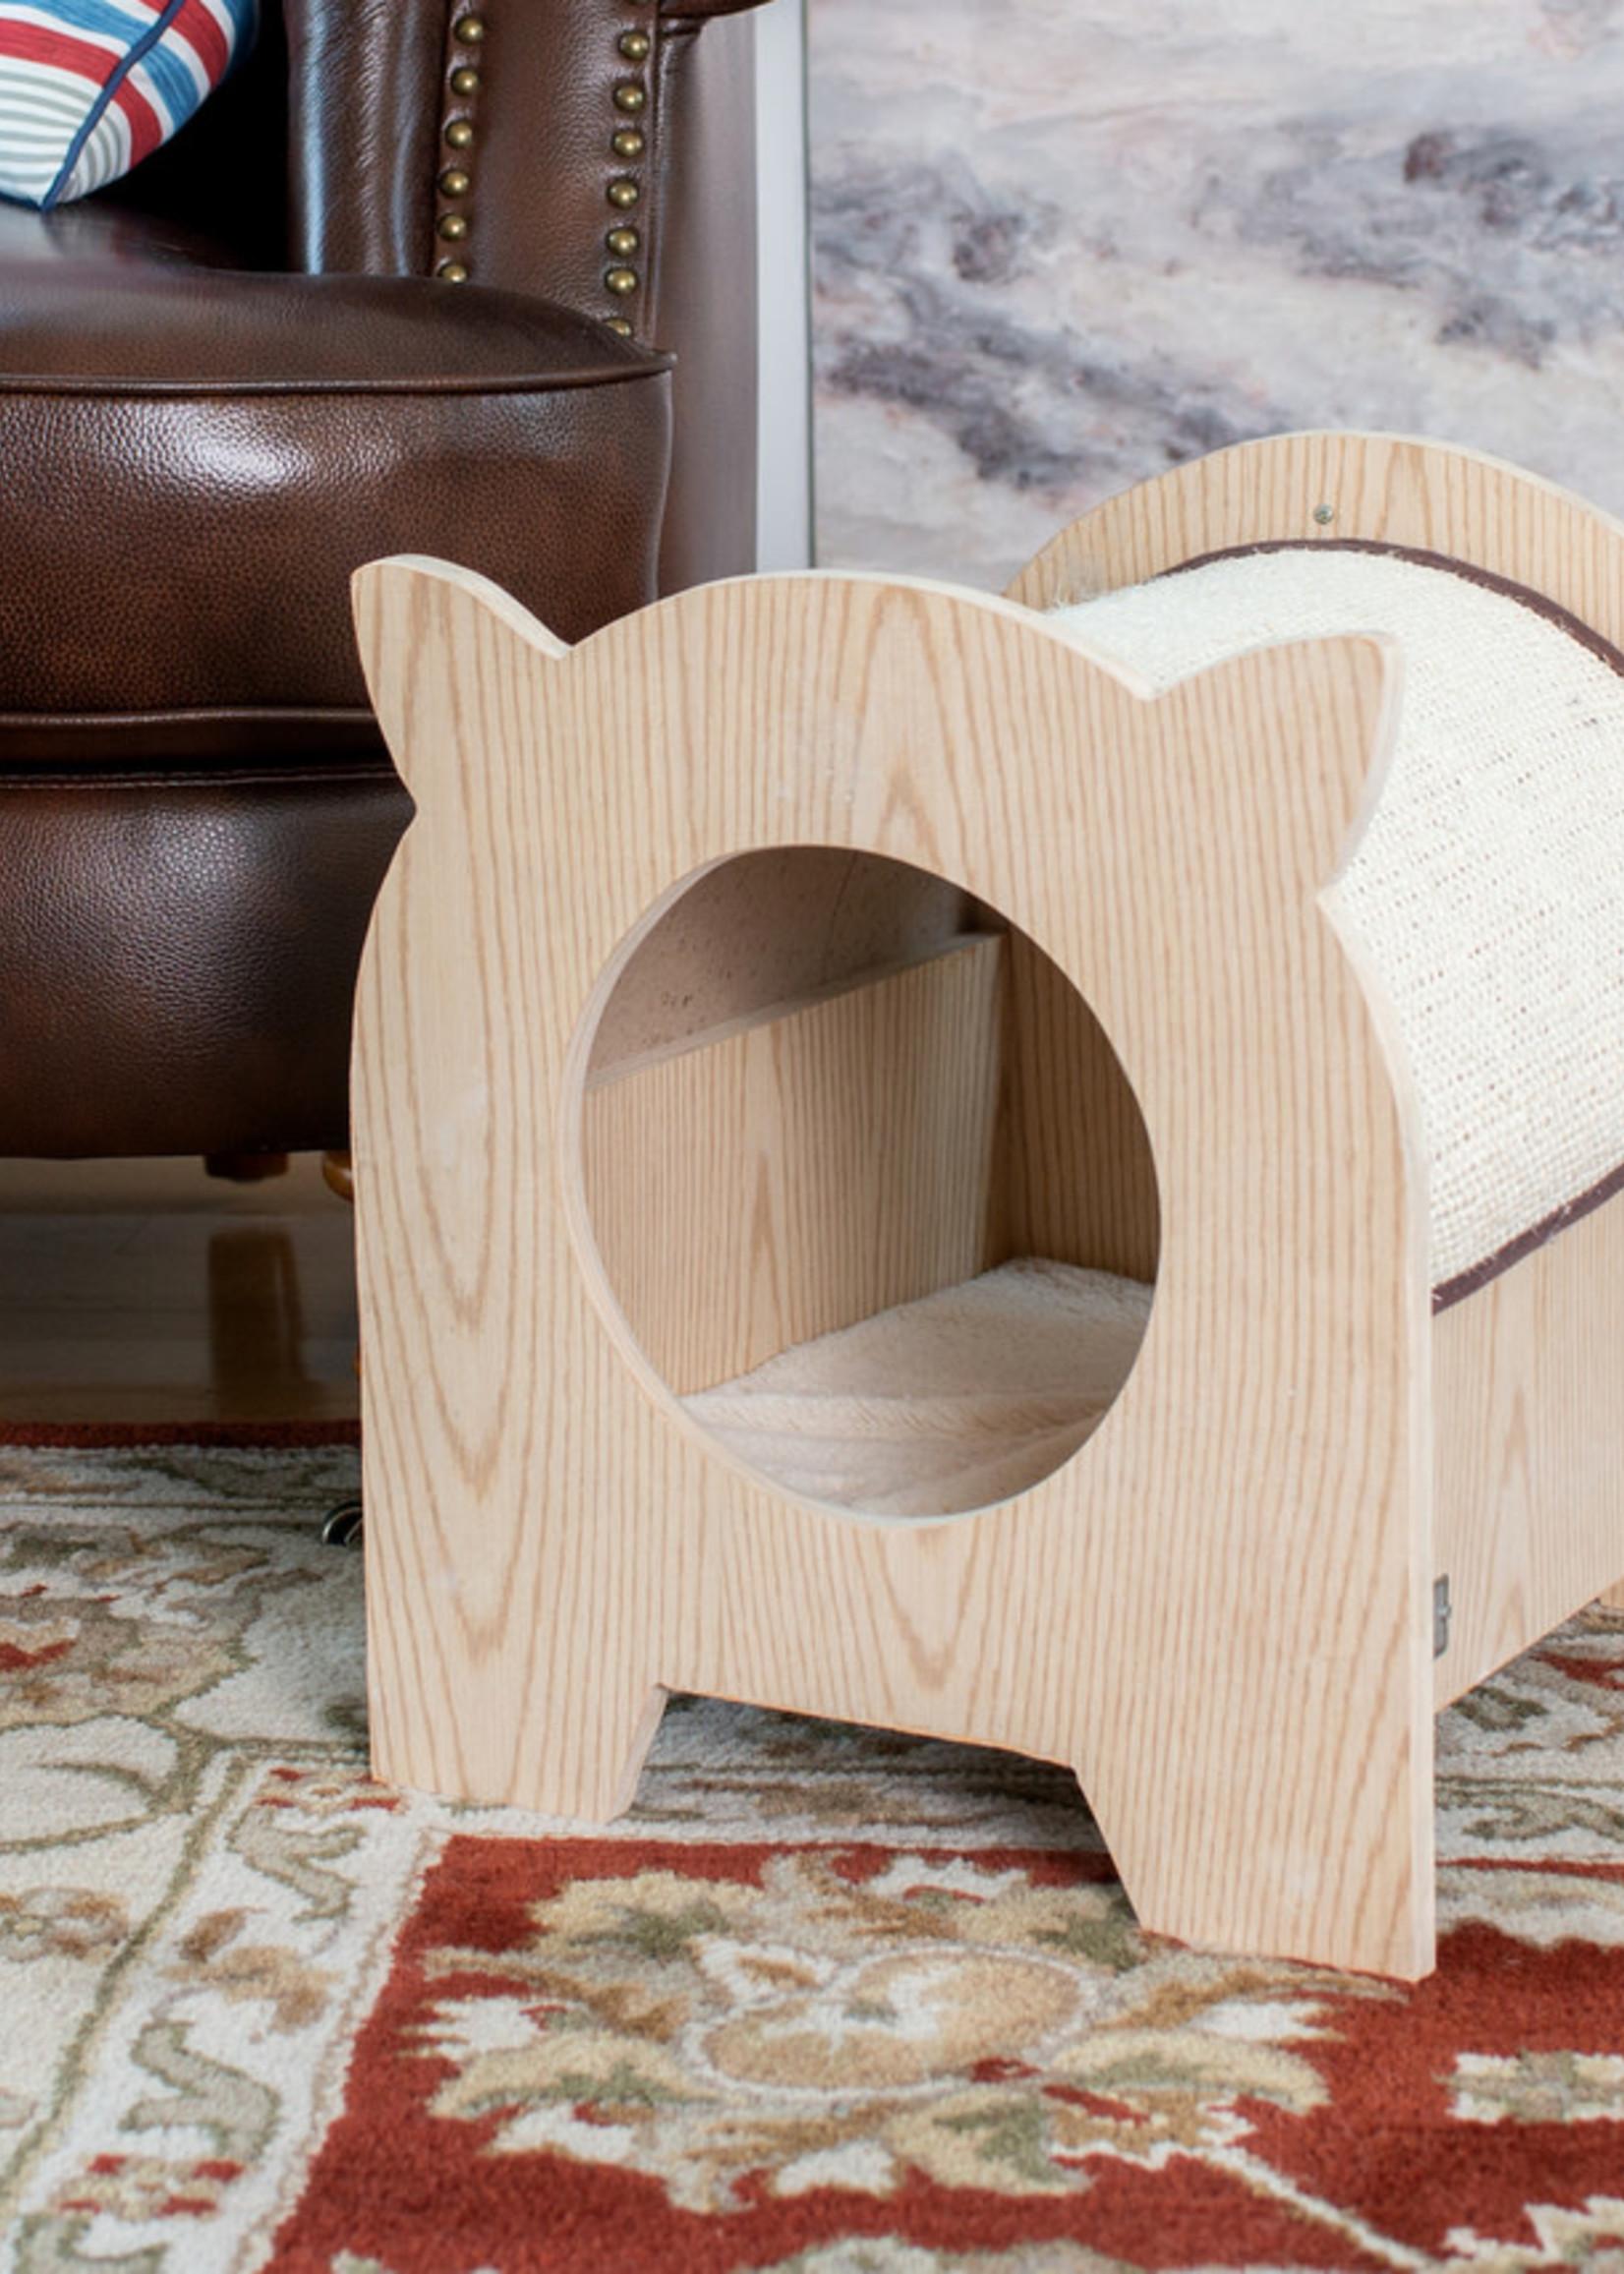 Armarkat Armarkat Premium Wood Cat Hideaway